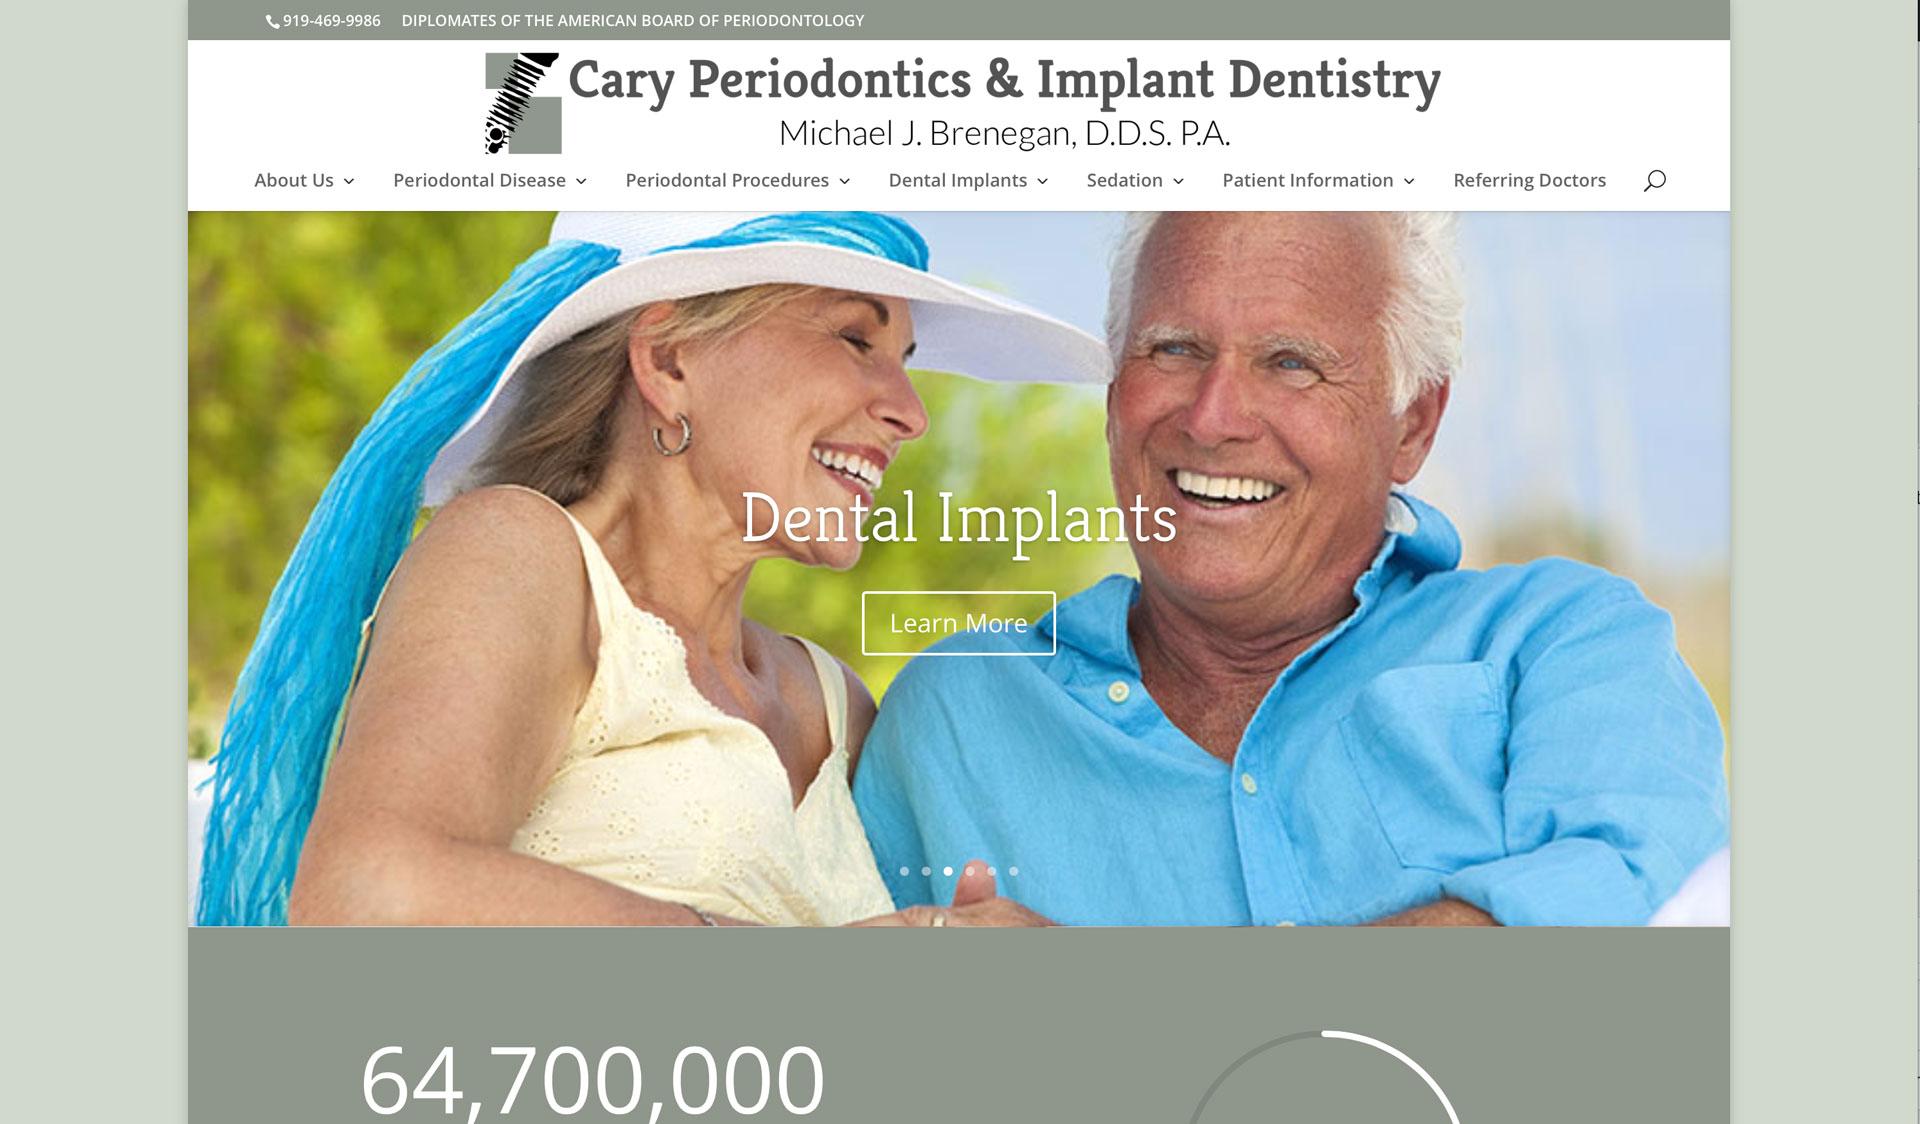 Cary Periodontics